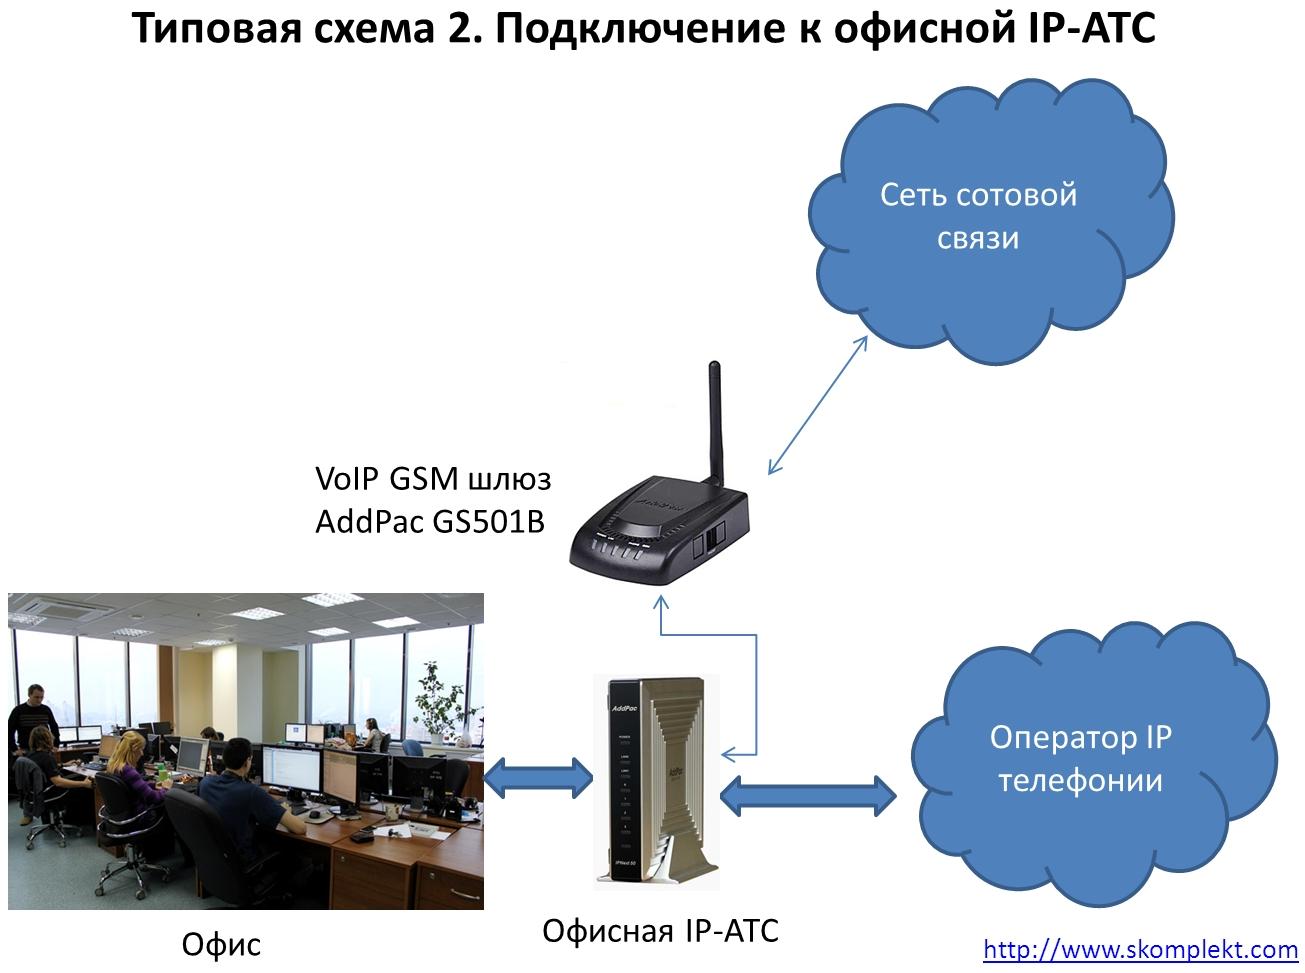 Типовая схема 2. Подключение к офисной IP-АТС